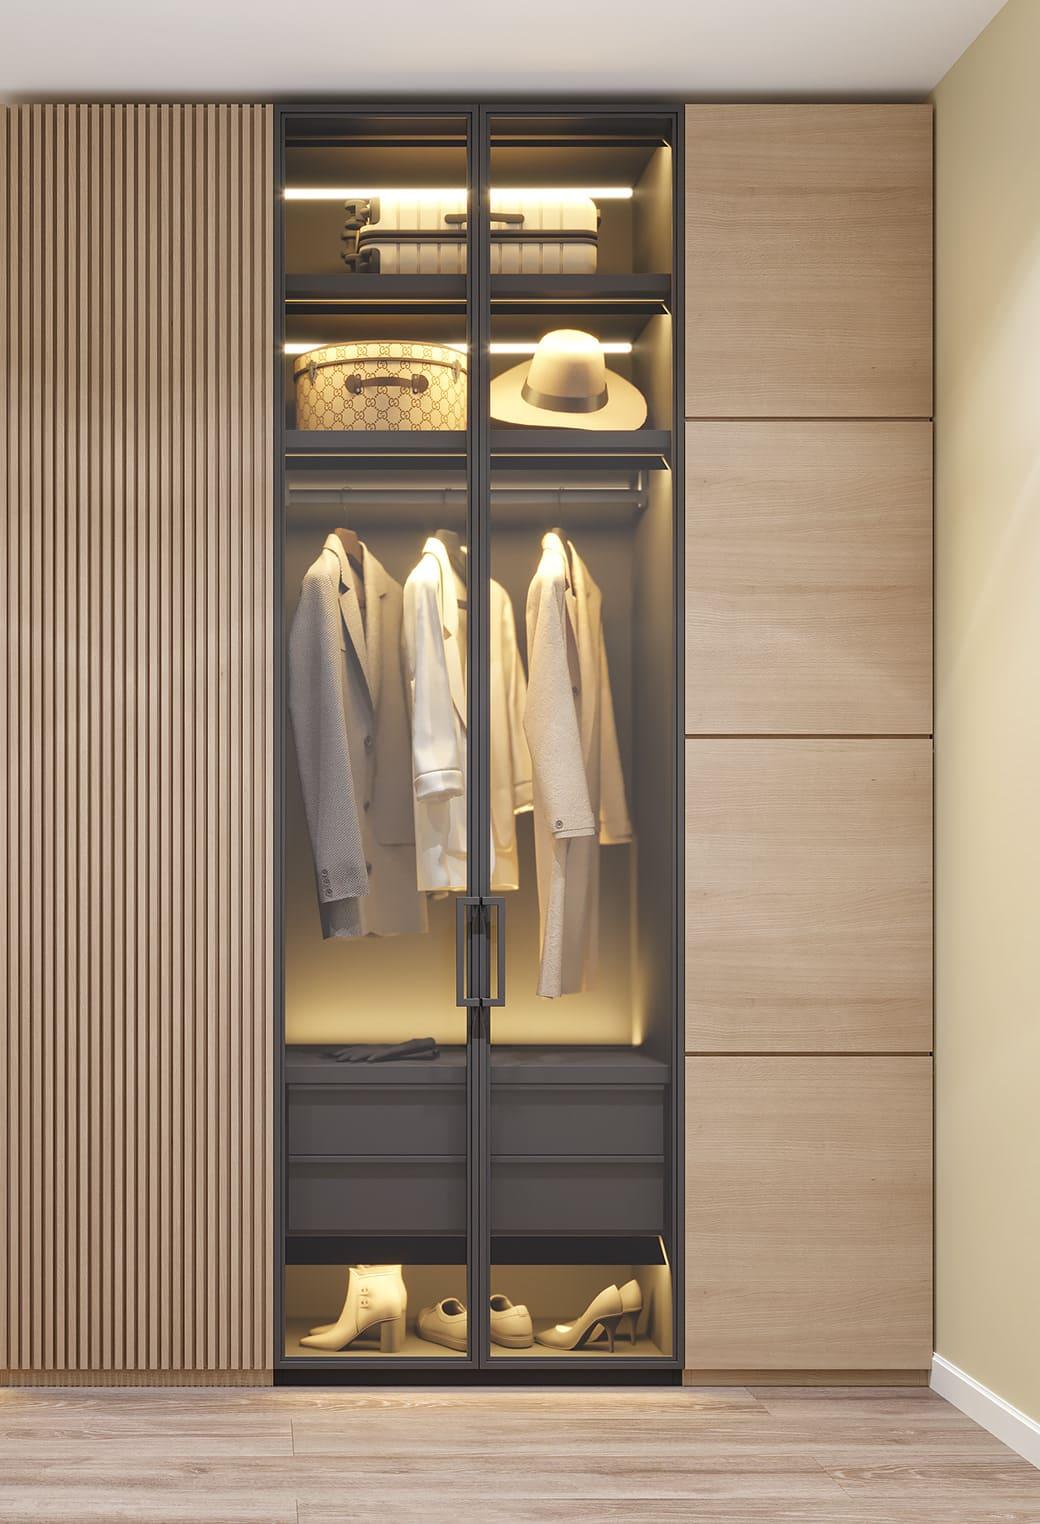 design d'intérieur couloir photo 28